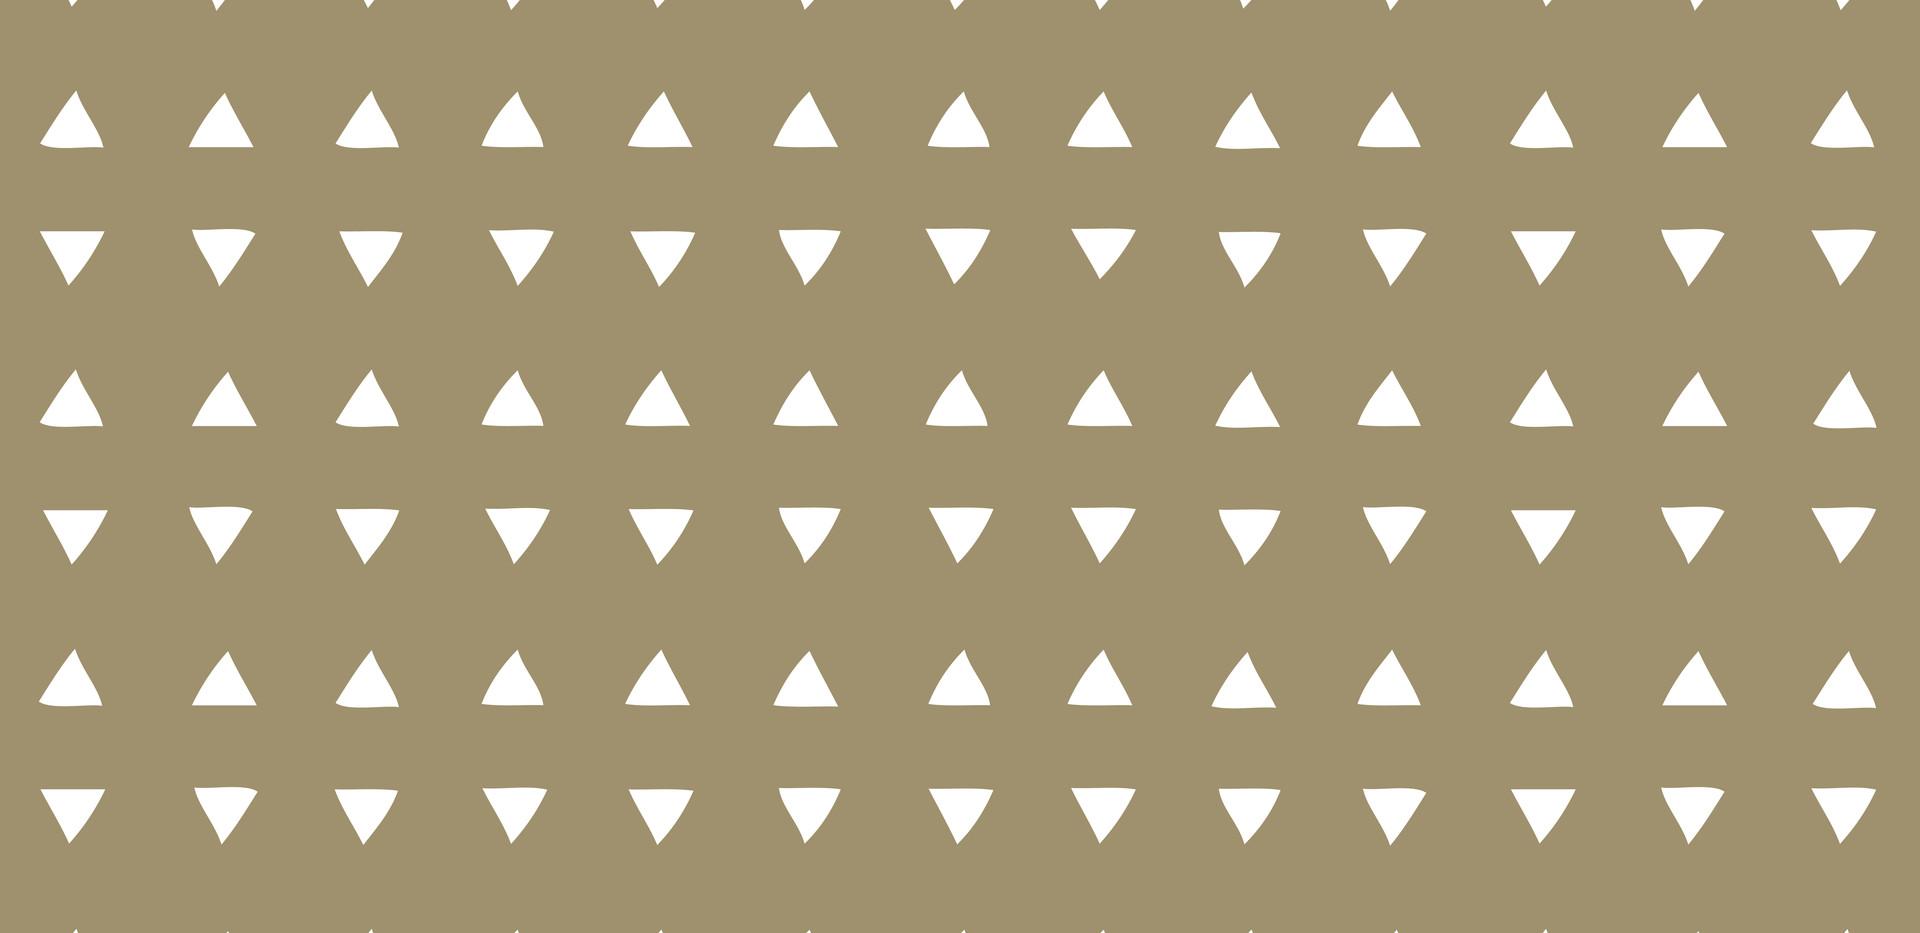 Tiny Triangles . Fatigue